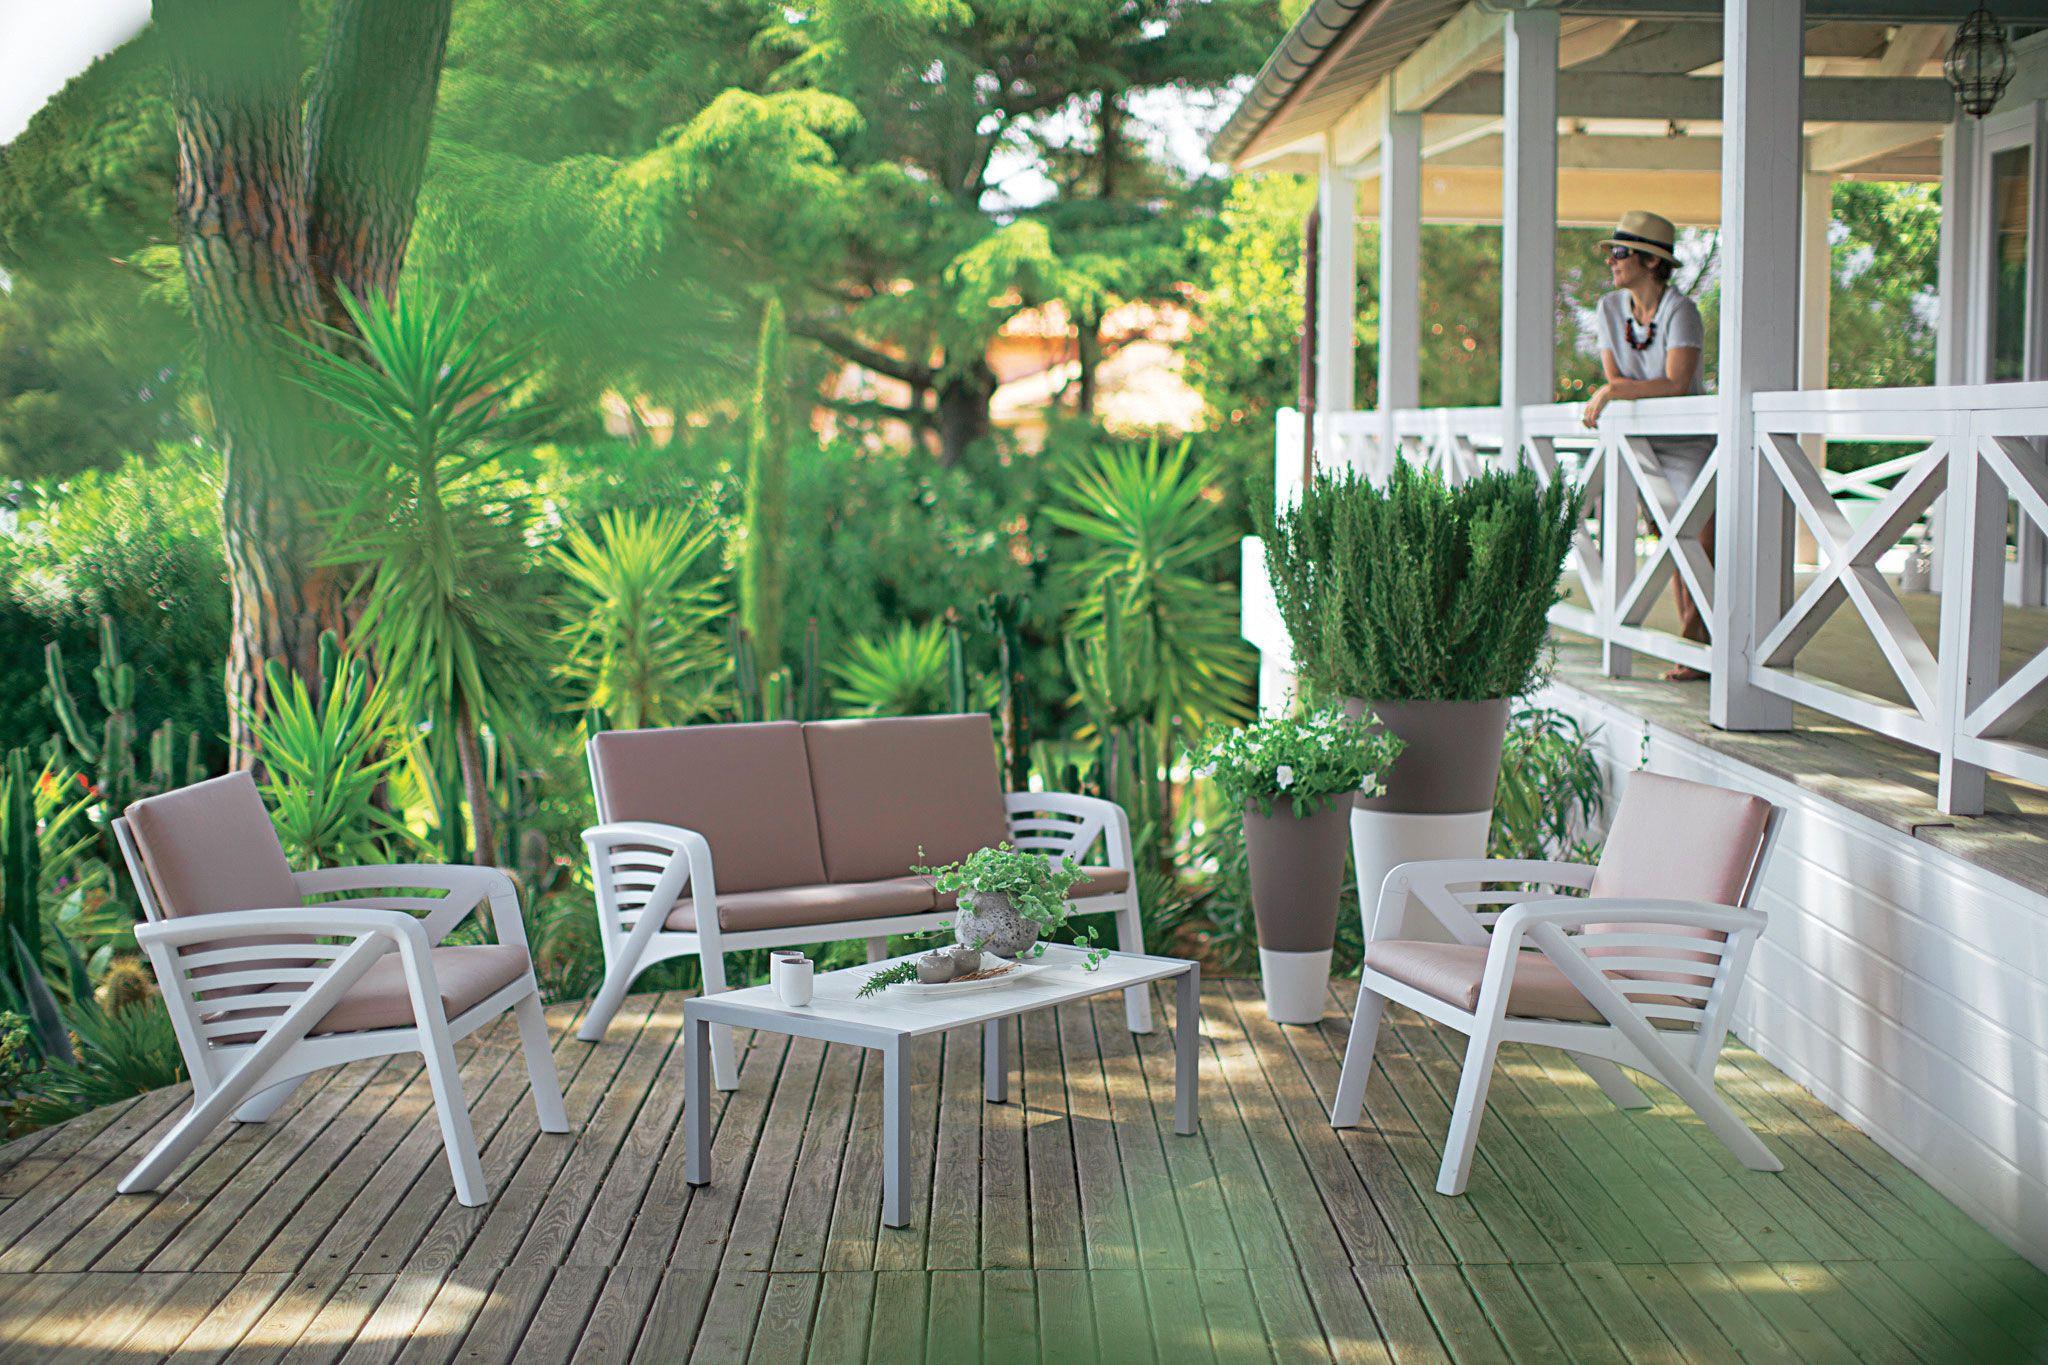 Mobilier De #jardin #truffaut | Salon De Jardin, Salon De ... destiné Salon De Jardin Truffaut